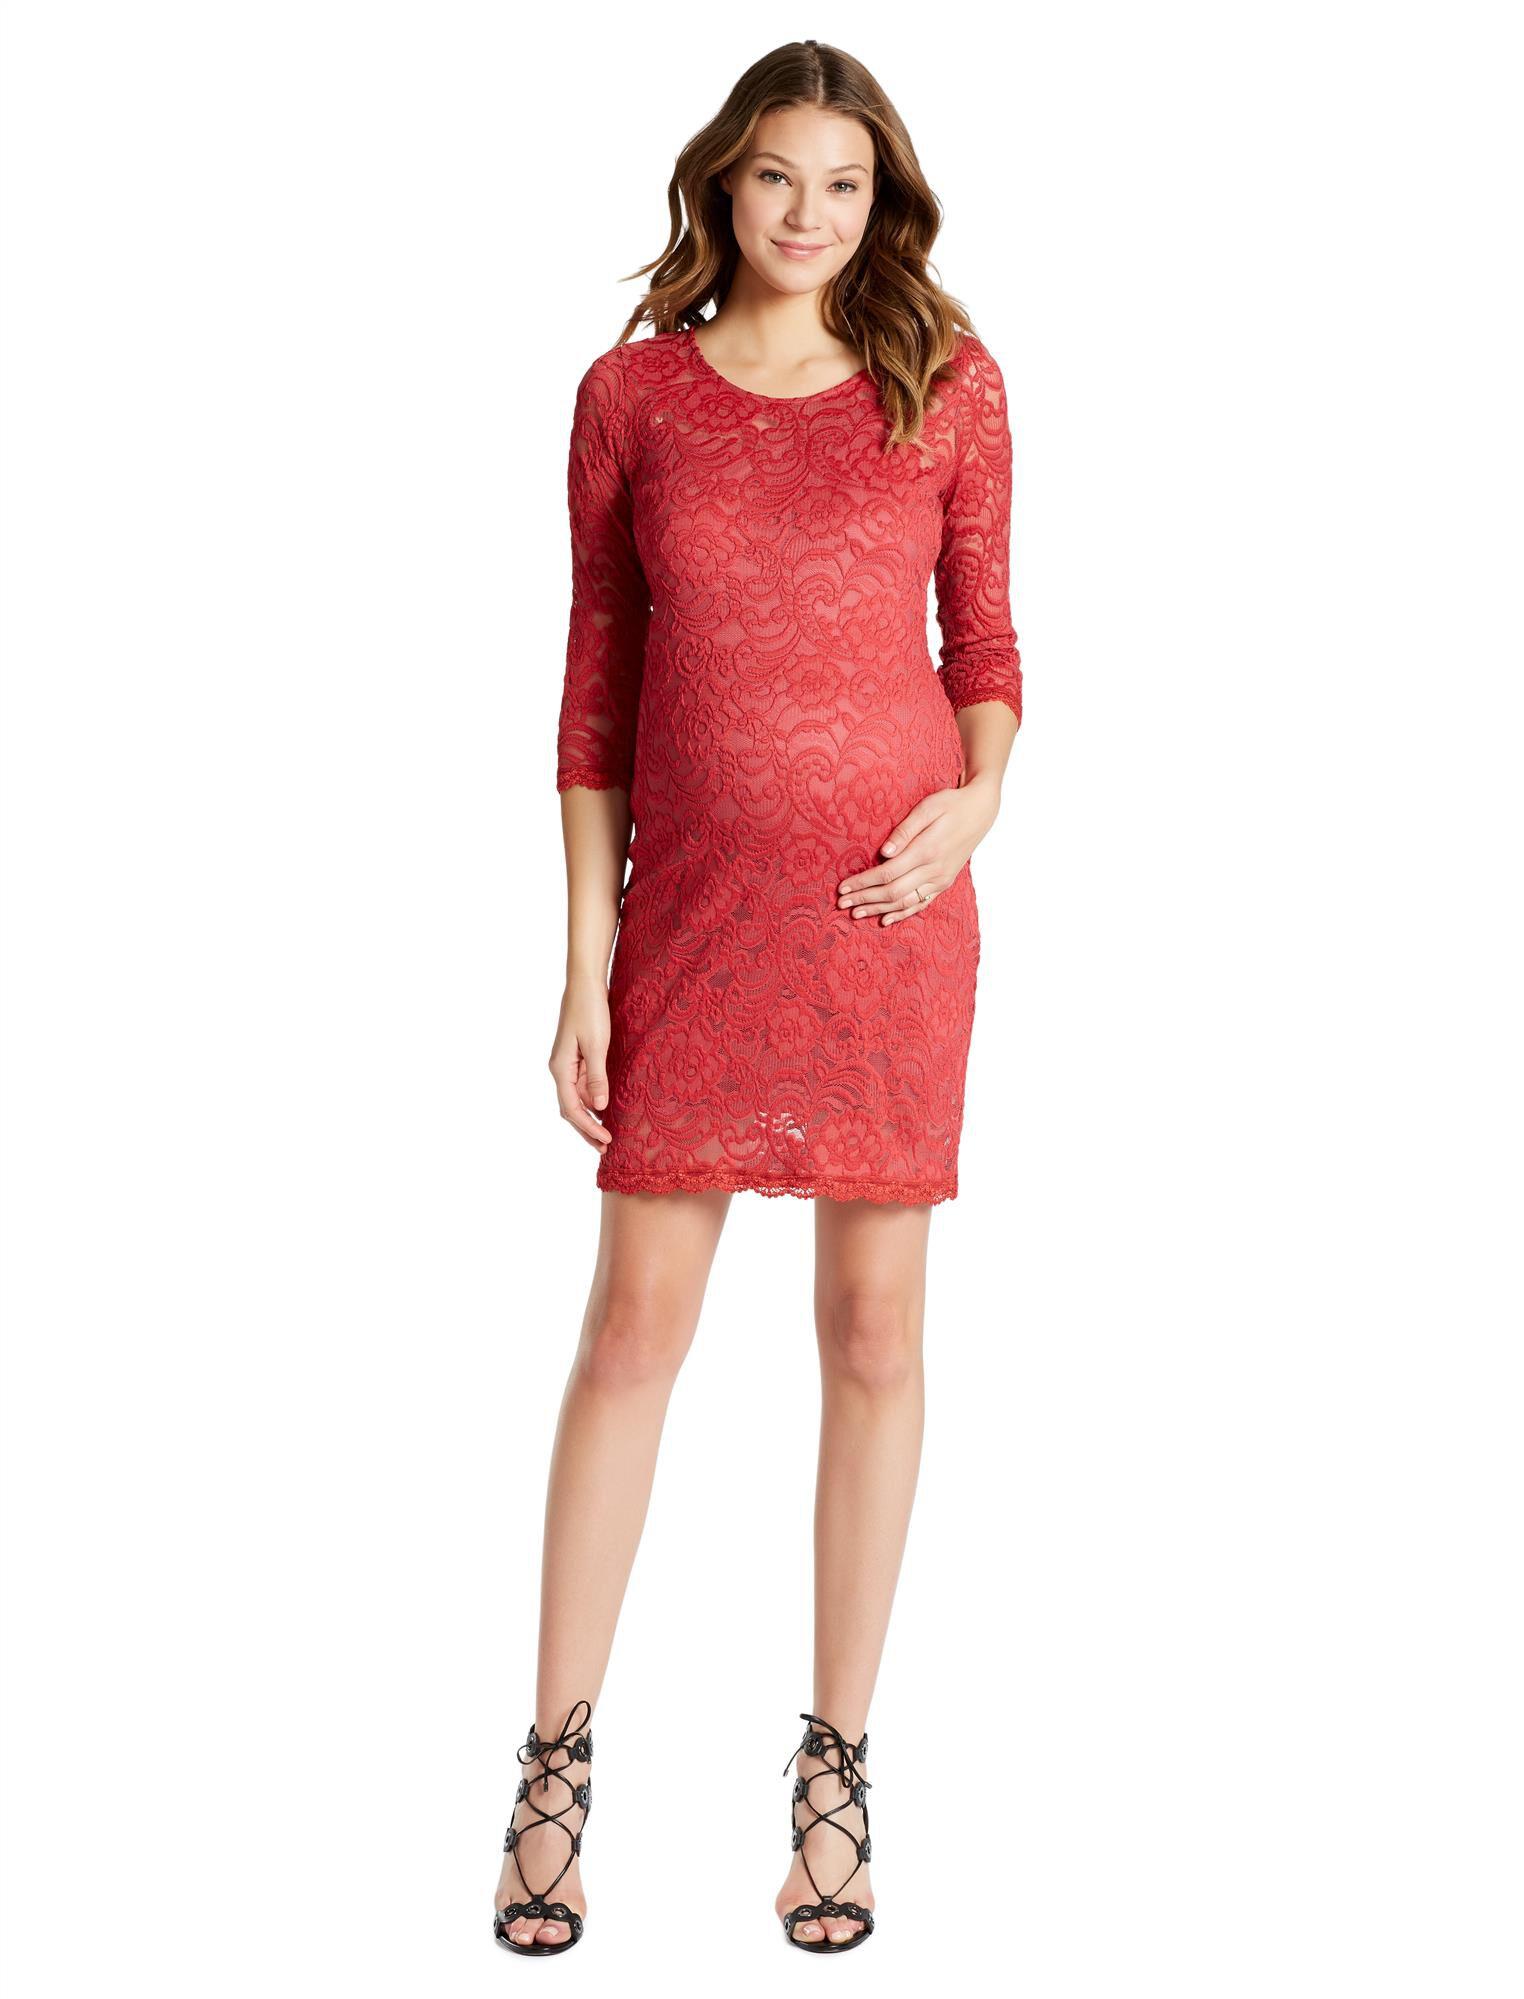 Jessica Simpson Lace Body Con Maternity Dress